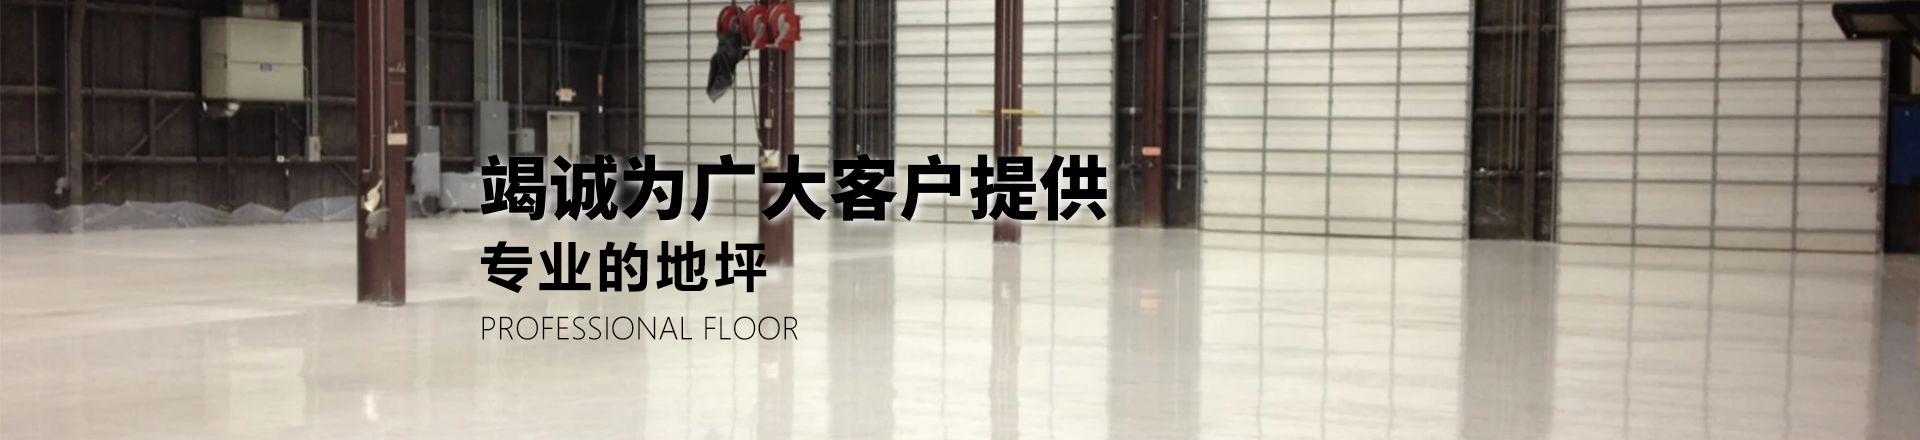 陕西信辉环保科技有限公司